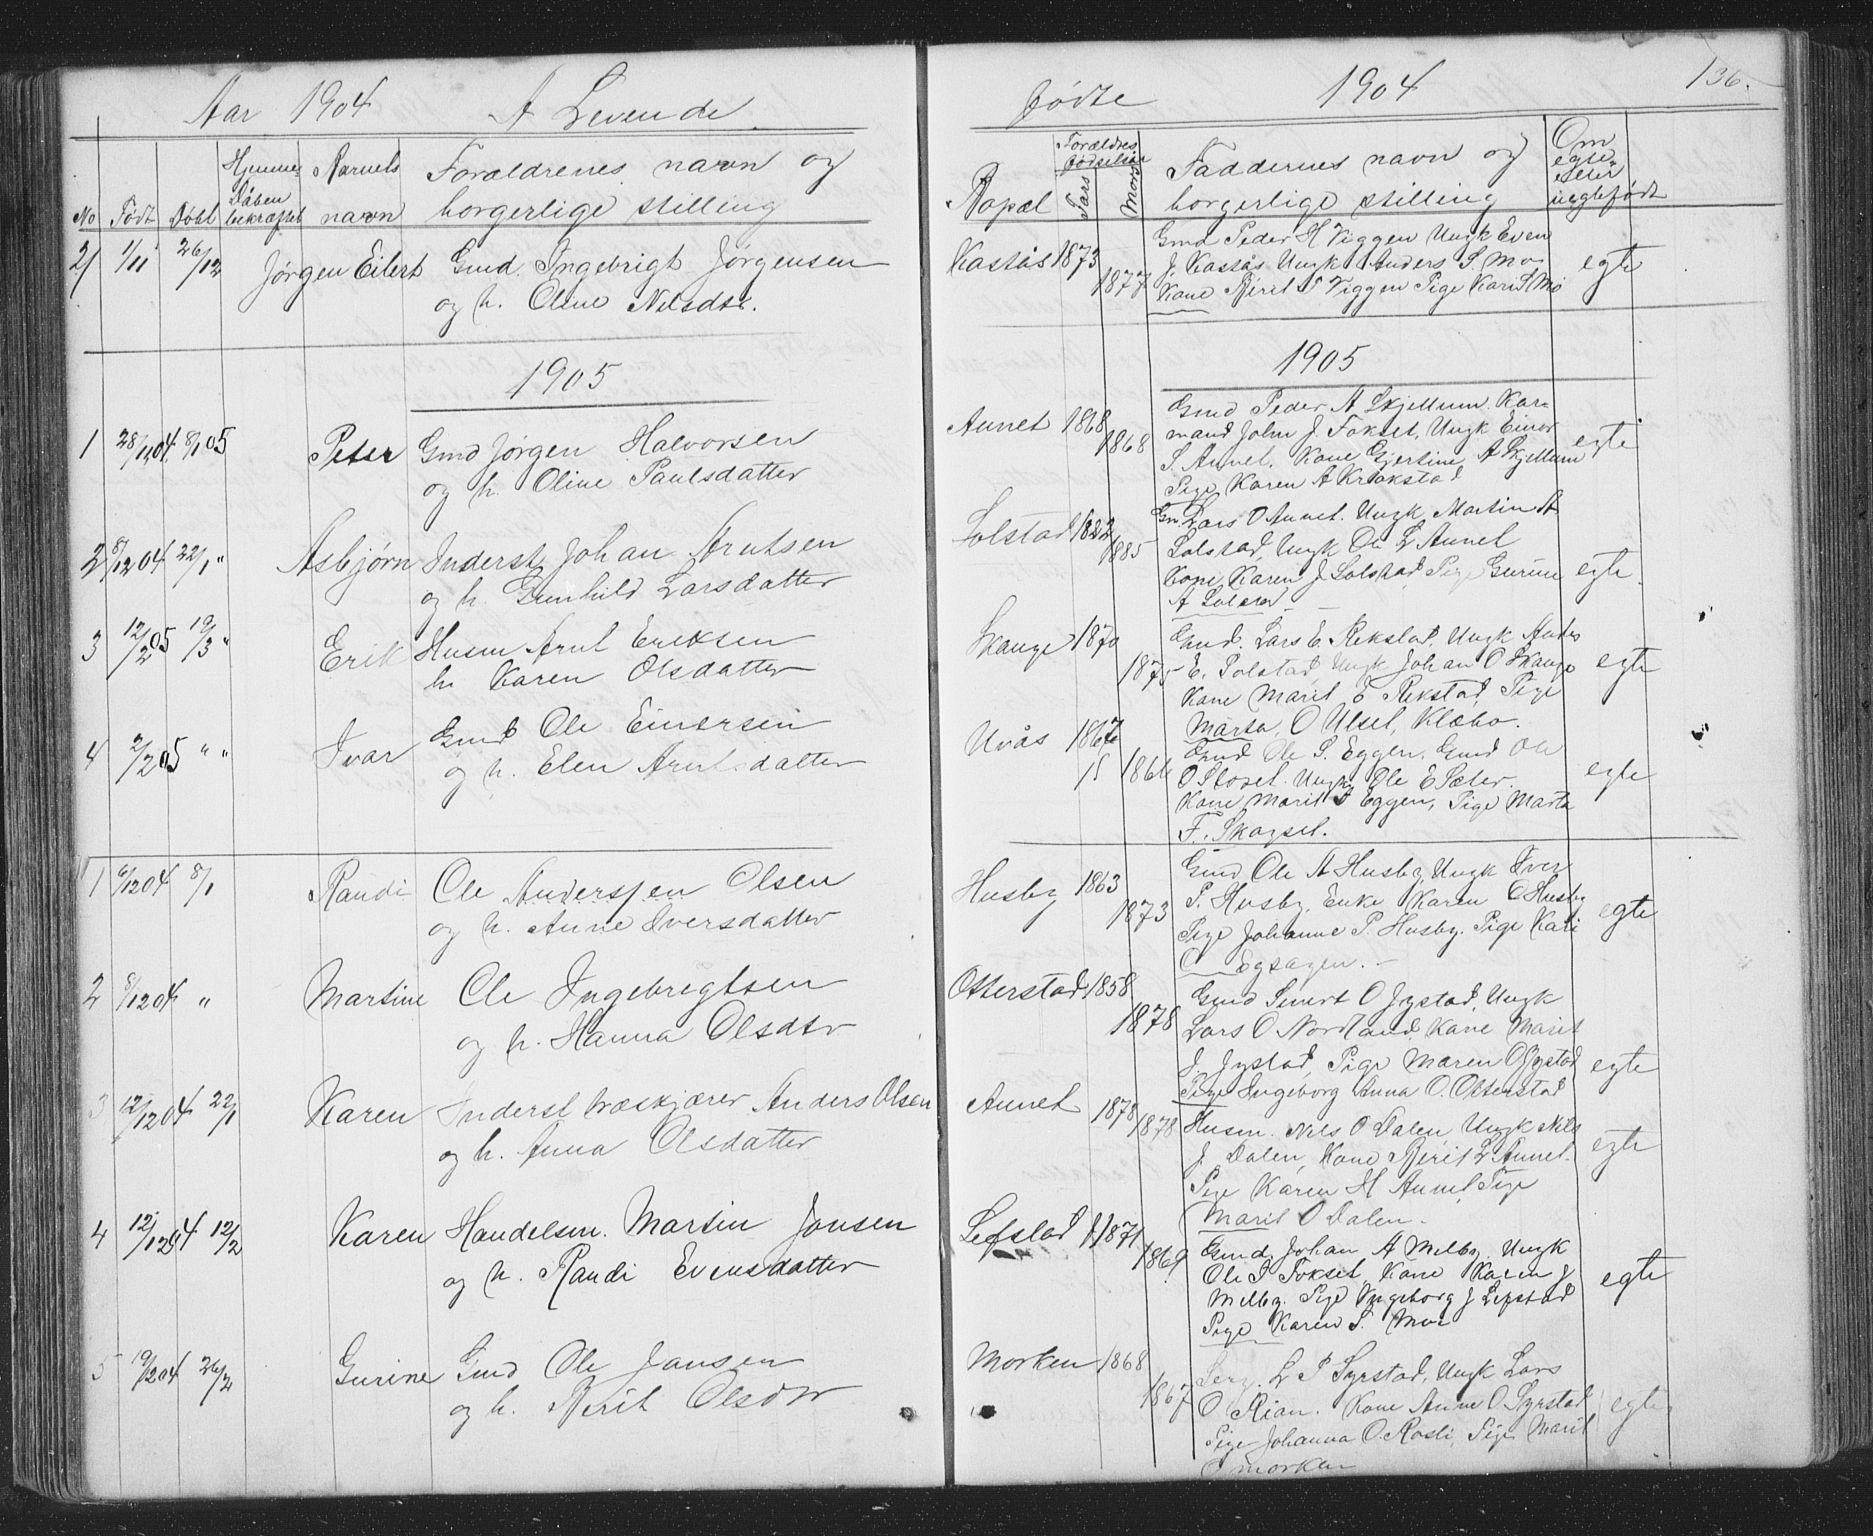 SAT, Ministerialprotokoller, klokkerbøker og fødselsregistre - Sør-Trøndelag, 667/L0798: Klokkerbok nr. 667C03, 1867-1929, s. 136